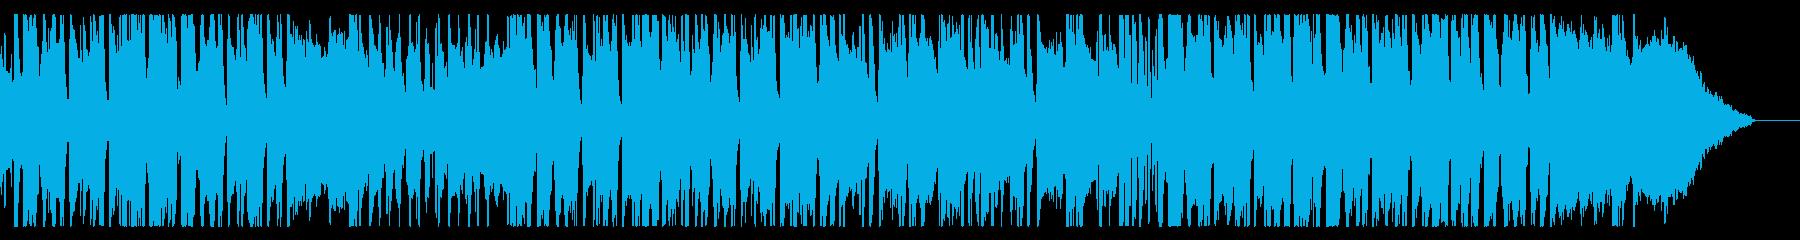 キッズ用07 物作りに、作業中にの再生済みの波形